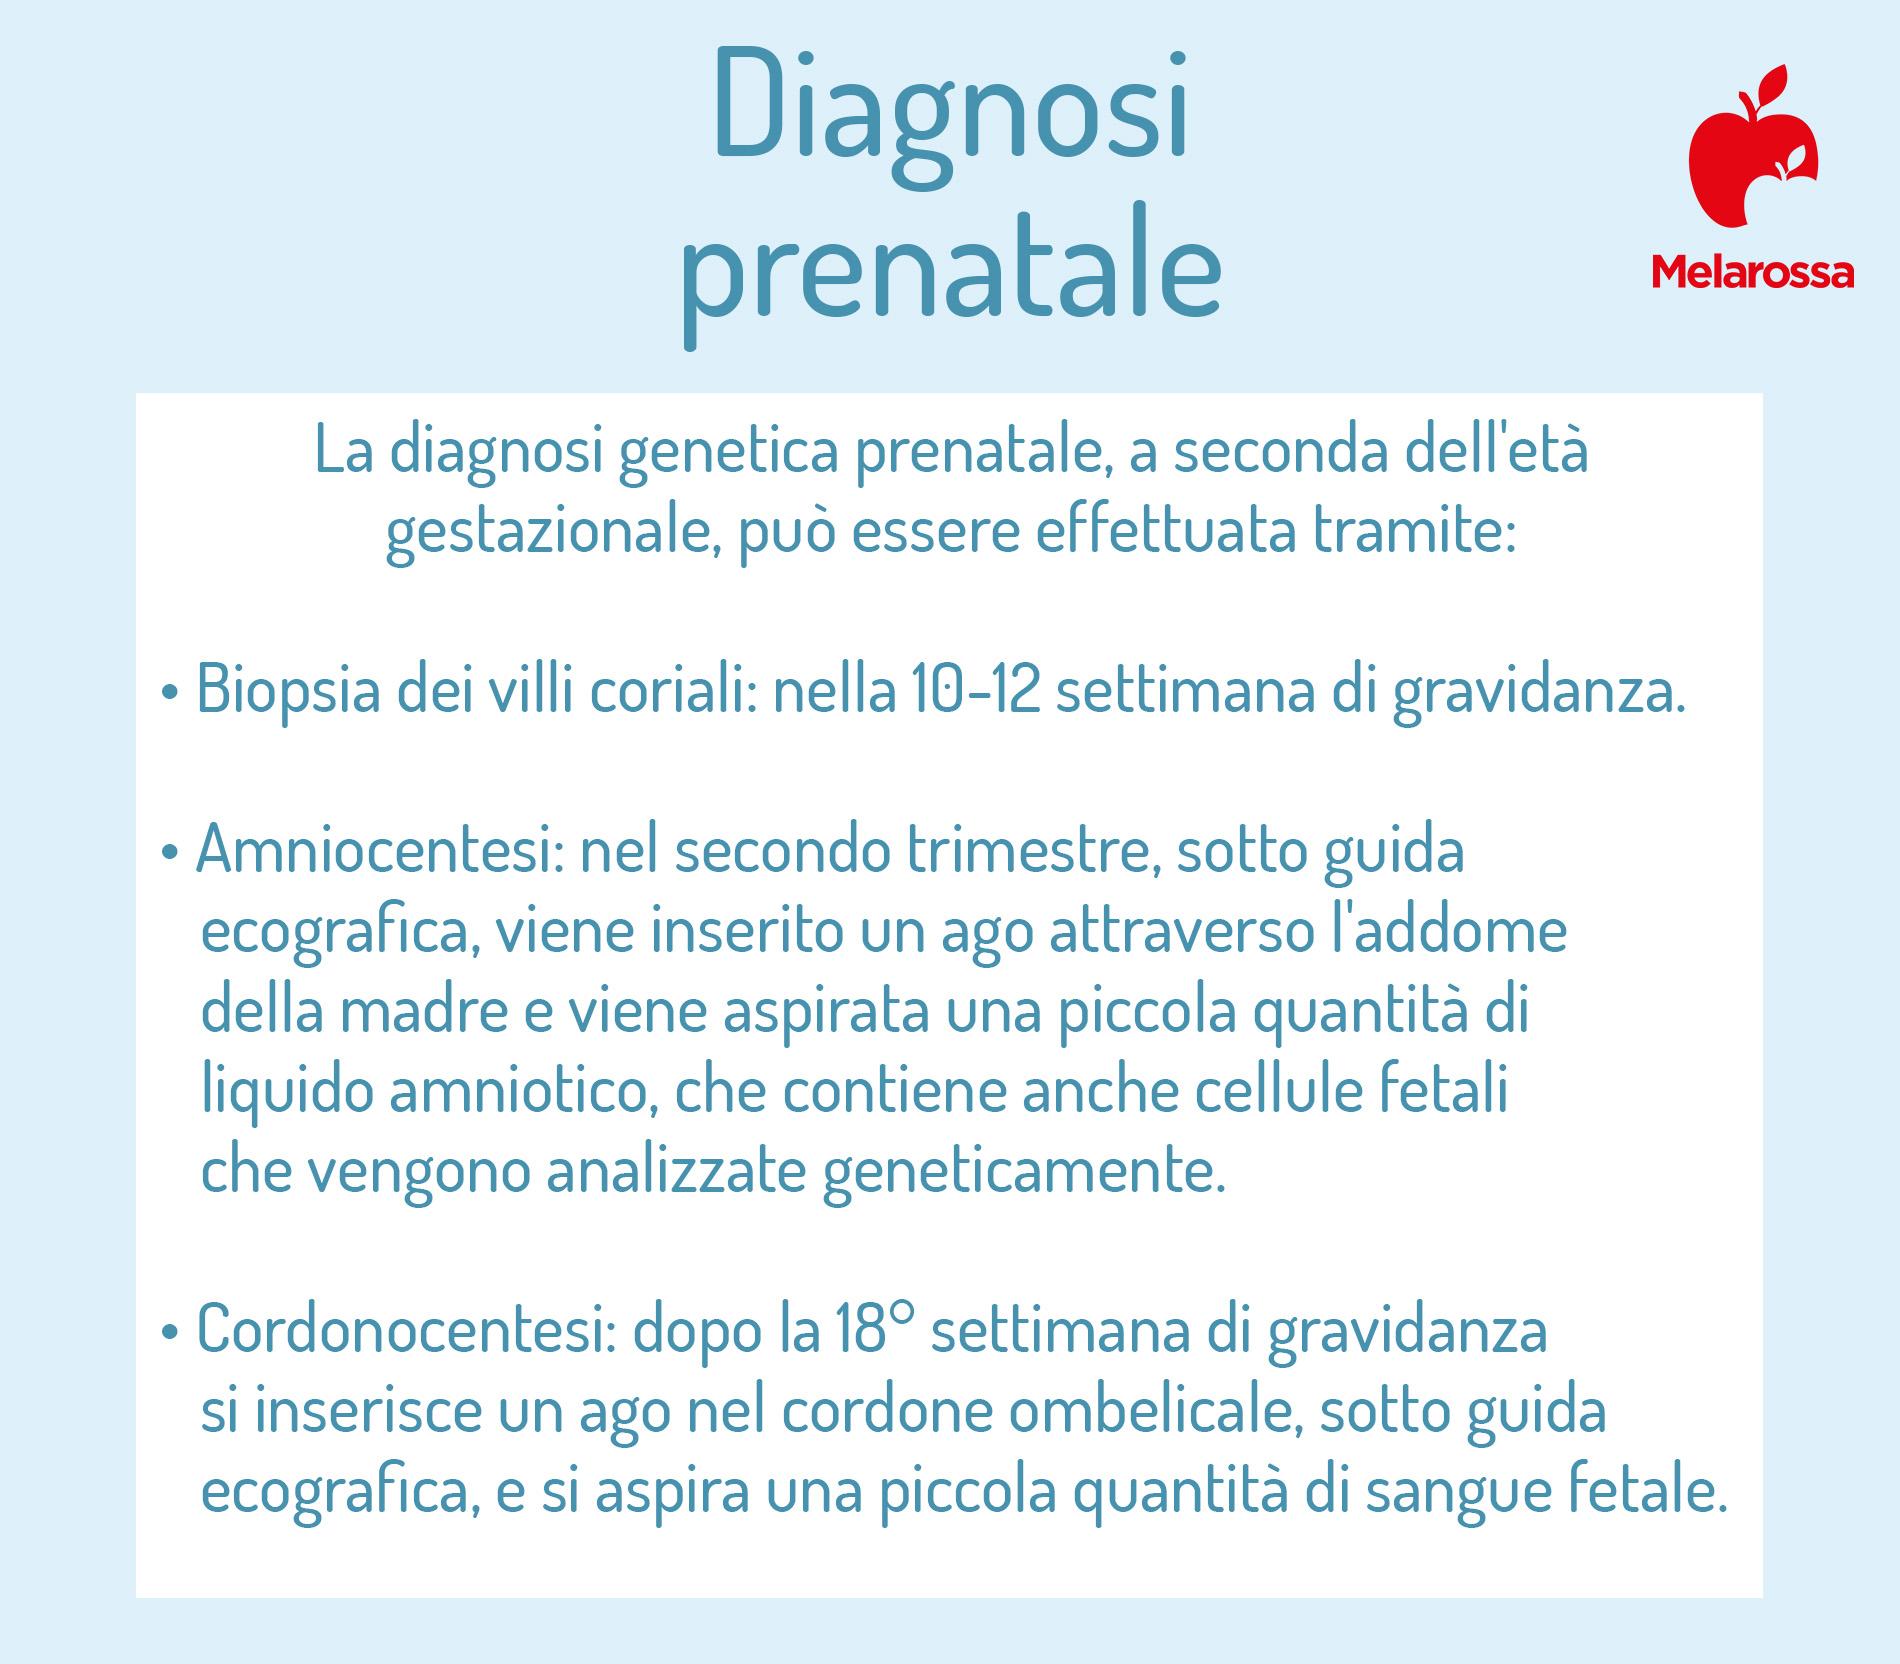 anemia mediterranea: diagnosi